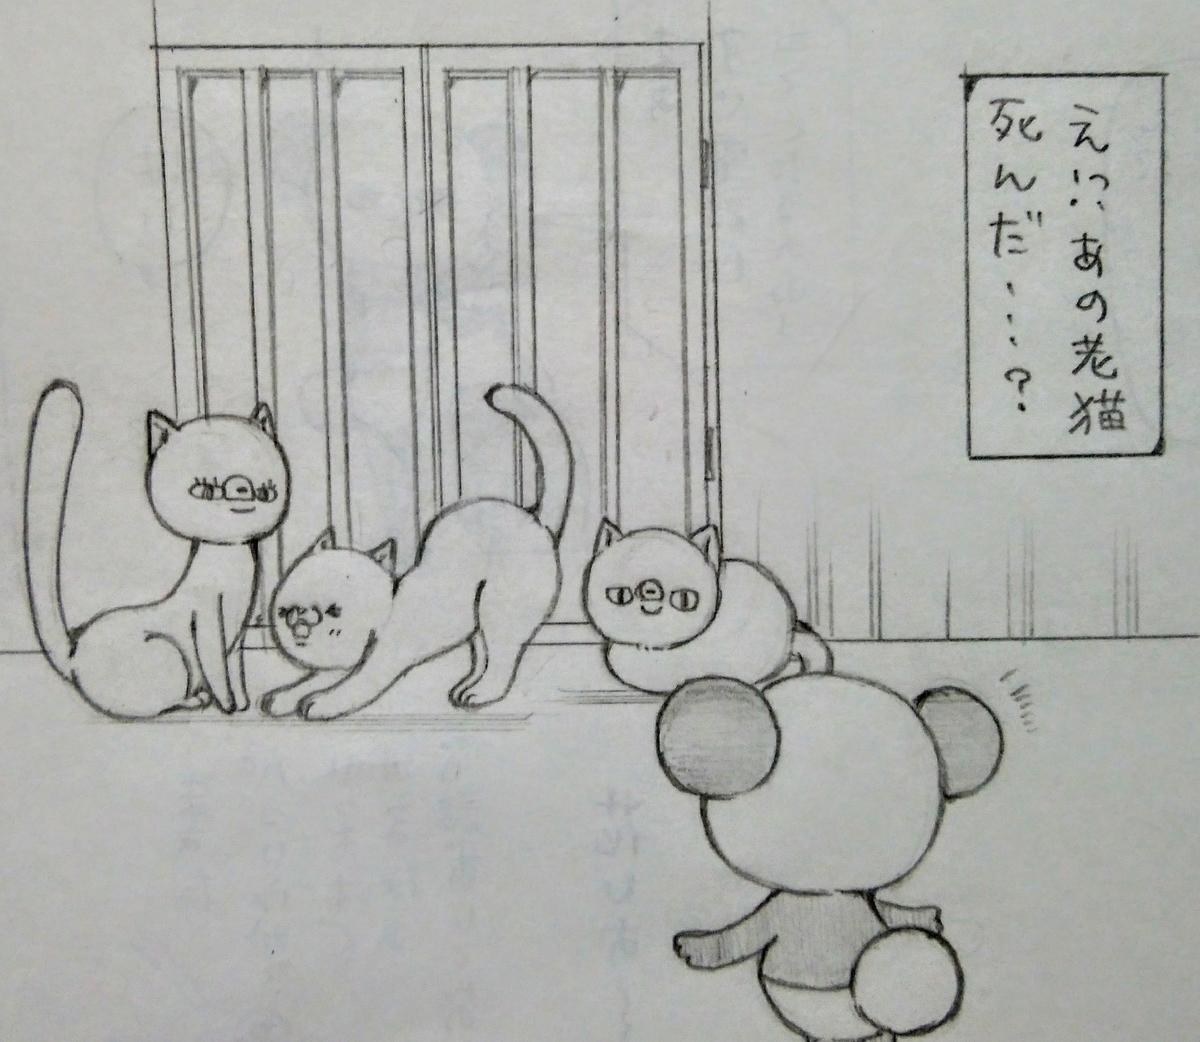 f:id:maricats:20200816151825j:plain